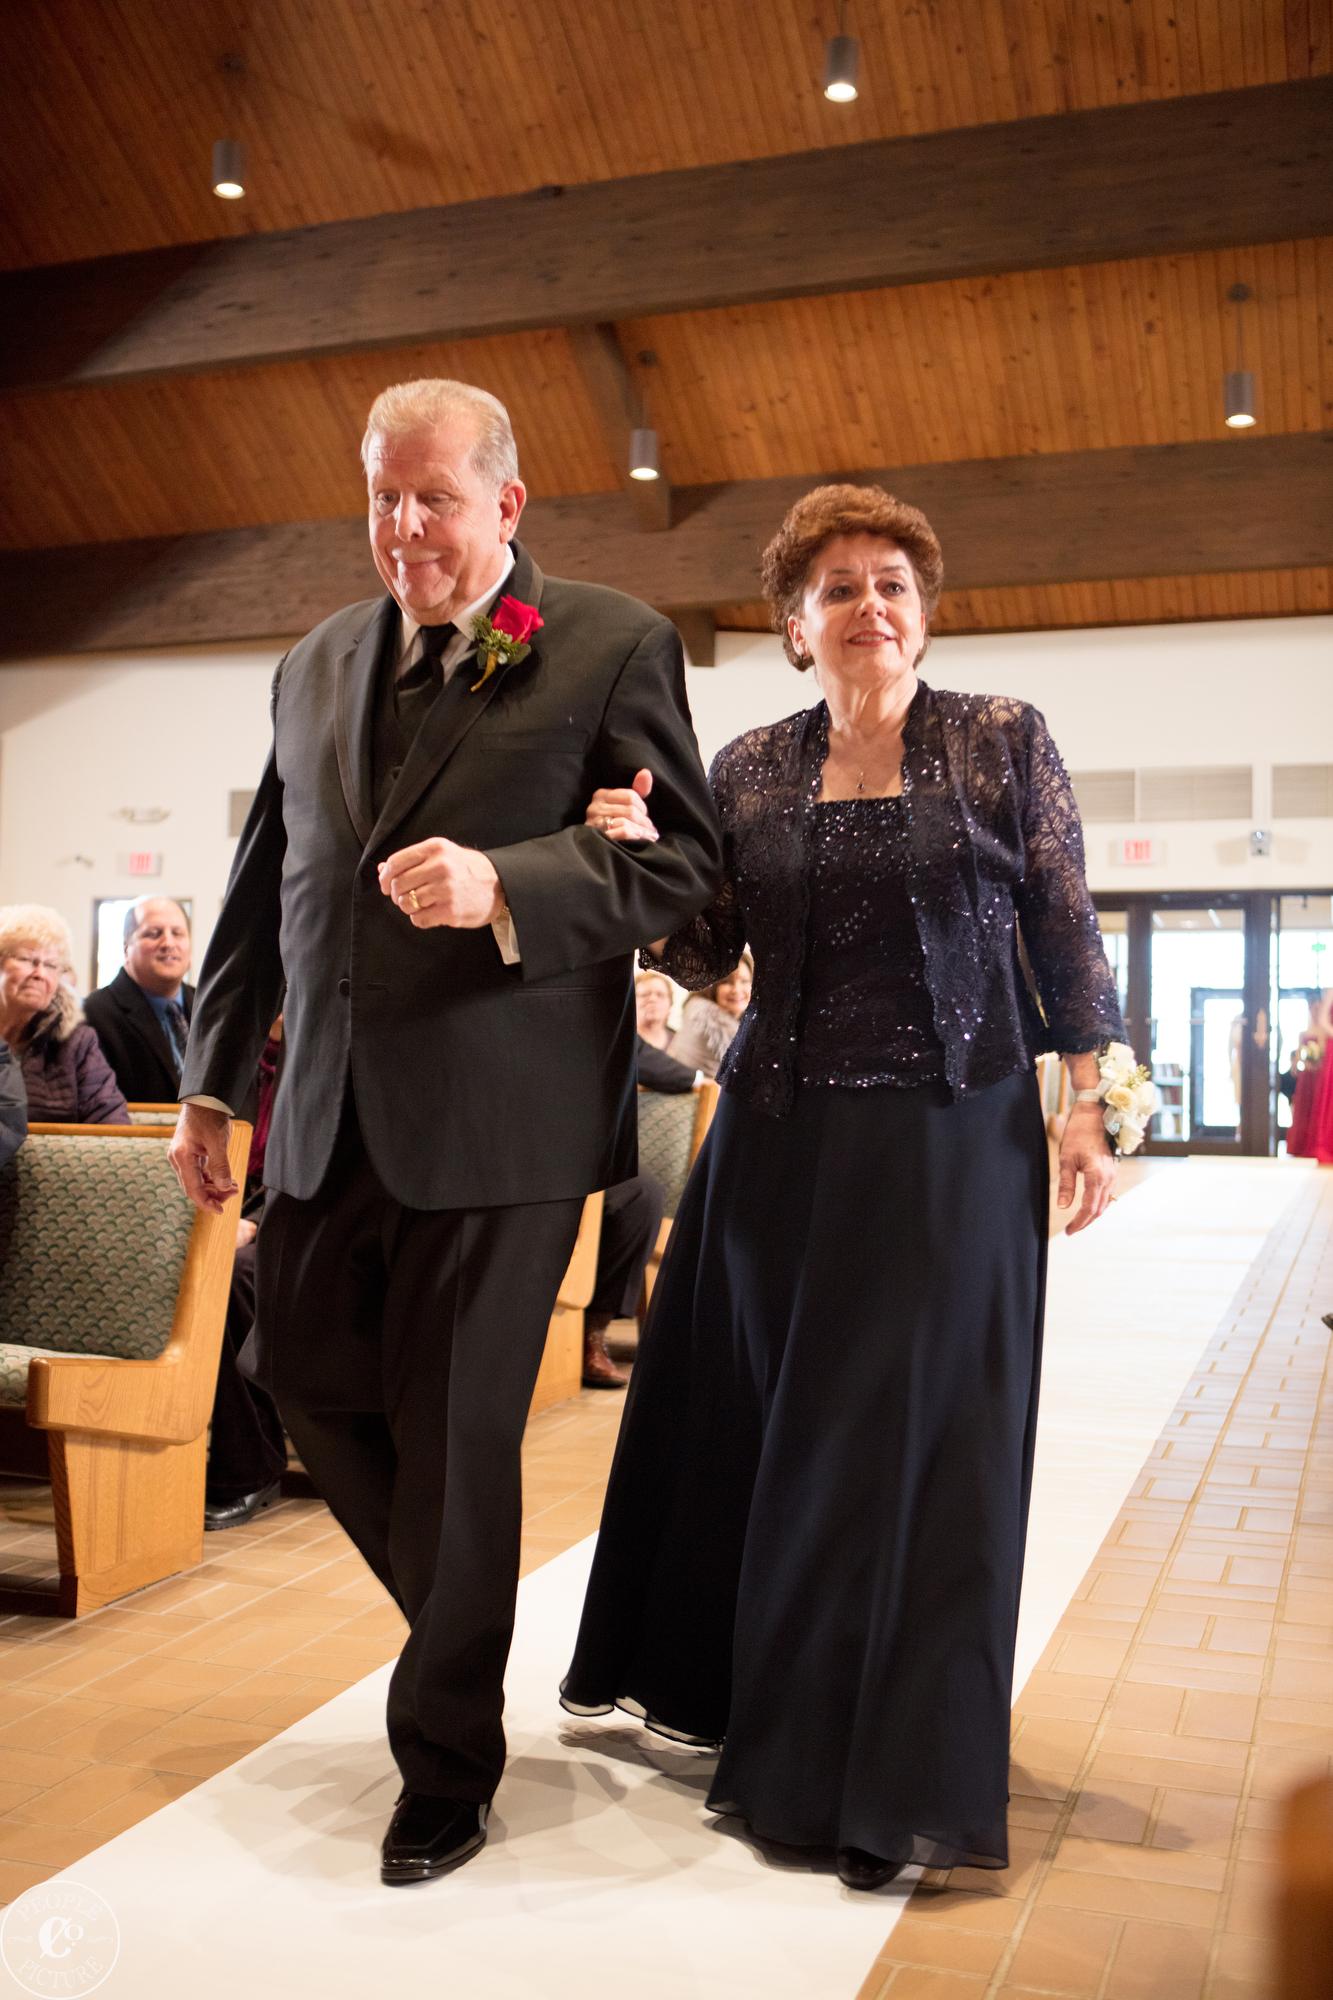 wedding-2736.jpg